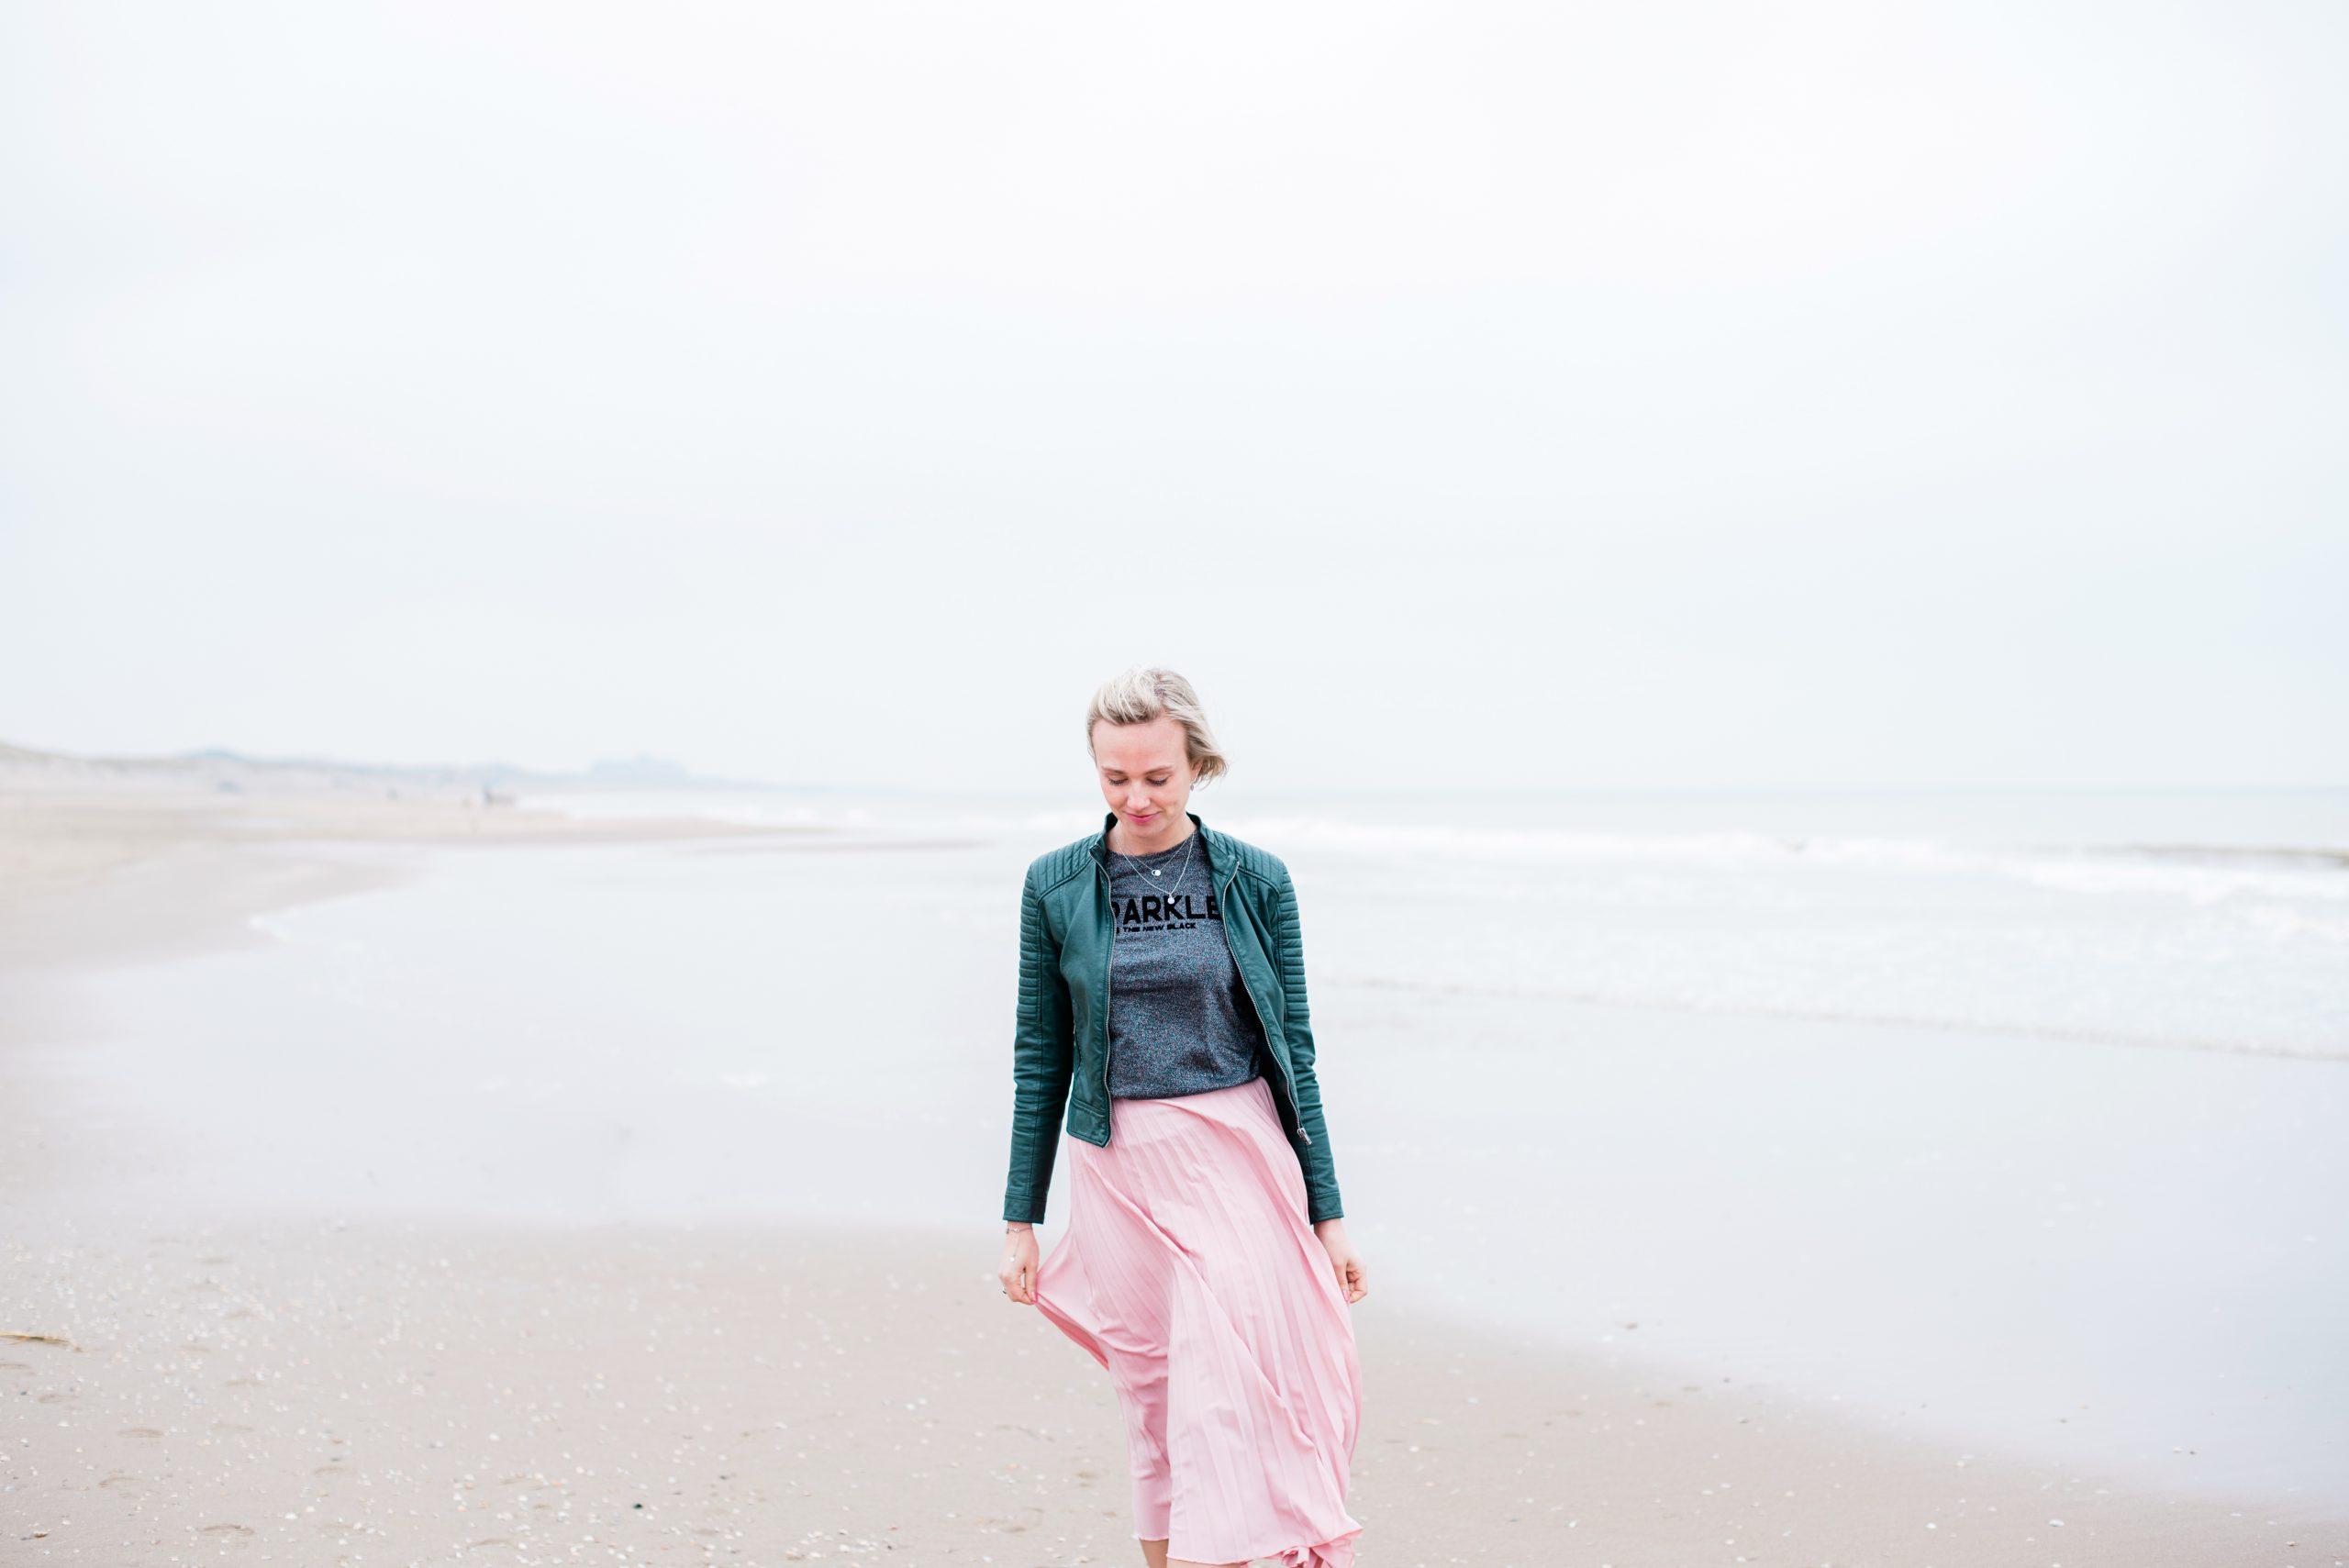 Hienke Nuninga - Praktijk Sparkle - Coach - Zelfliefde - Zelfbeeld-5